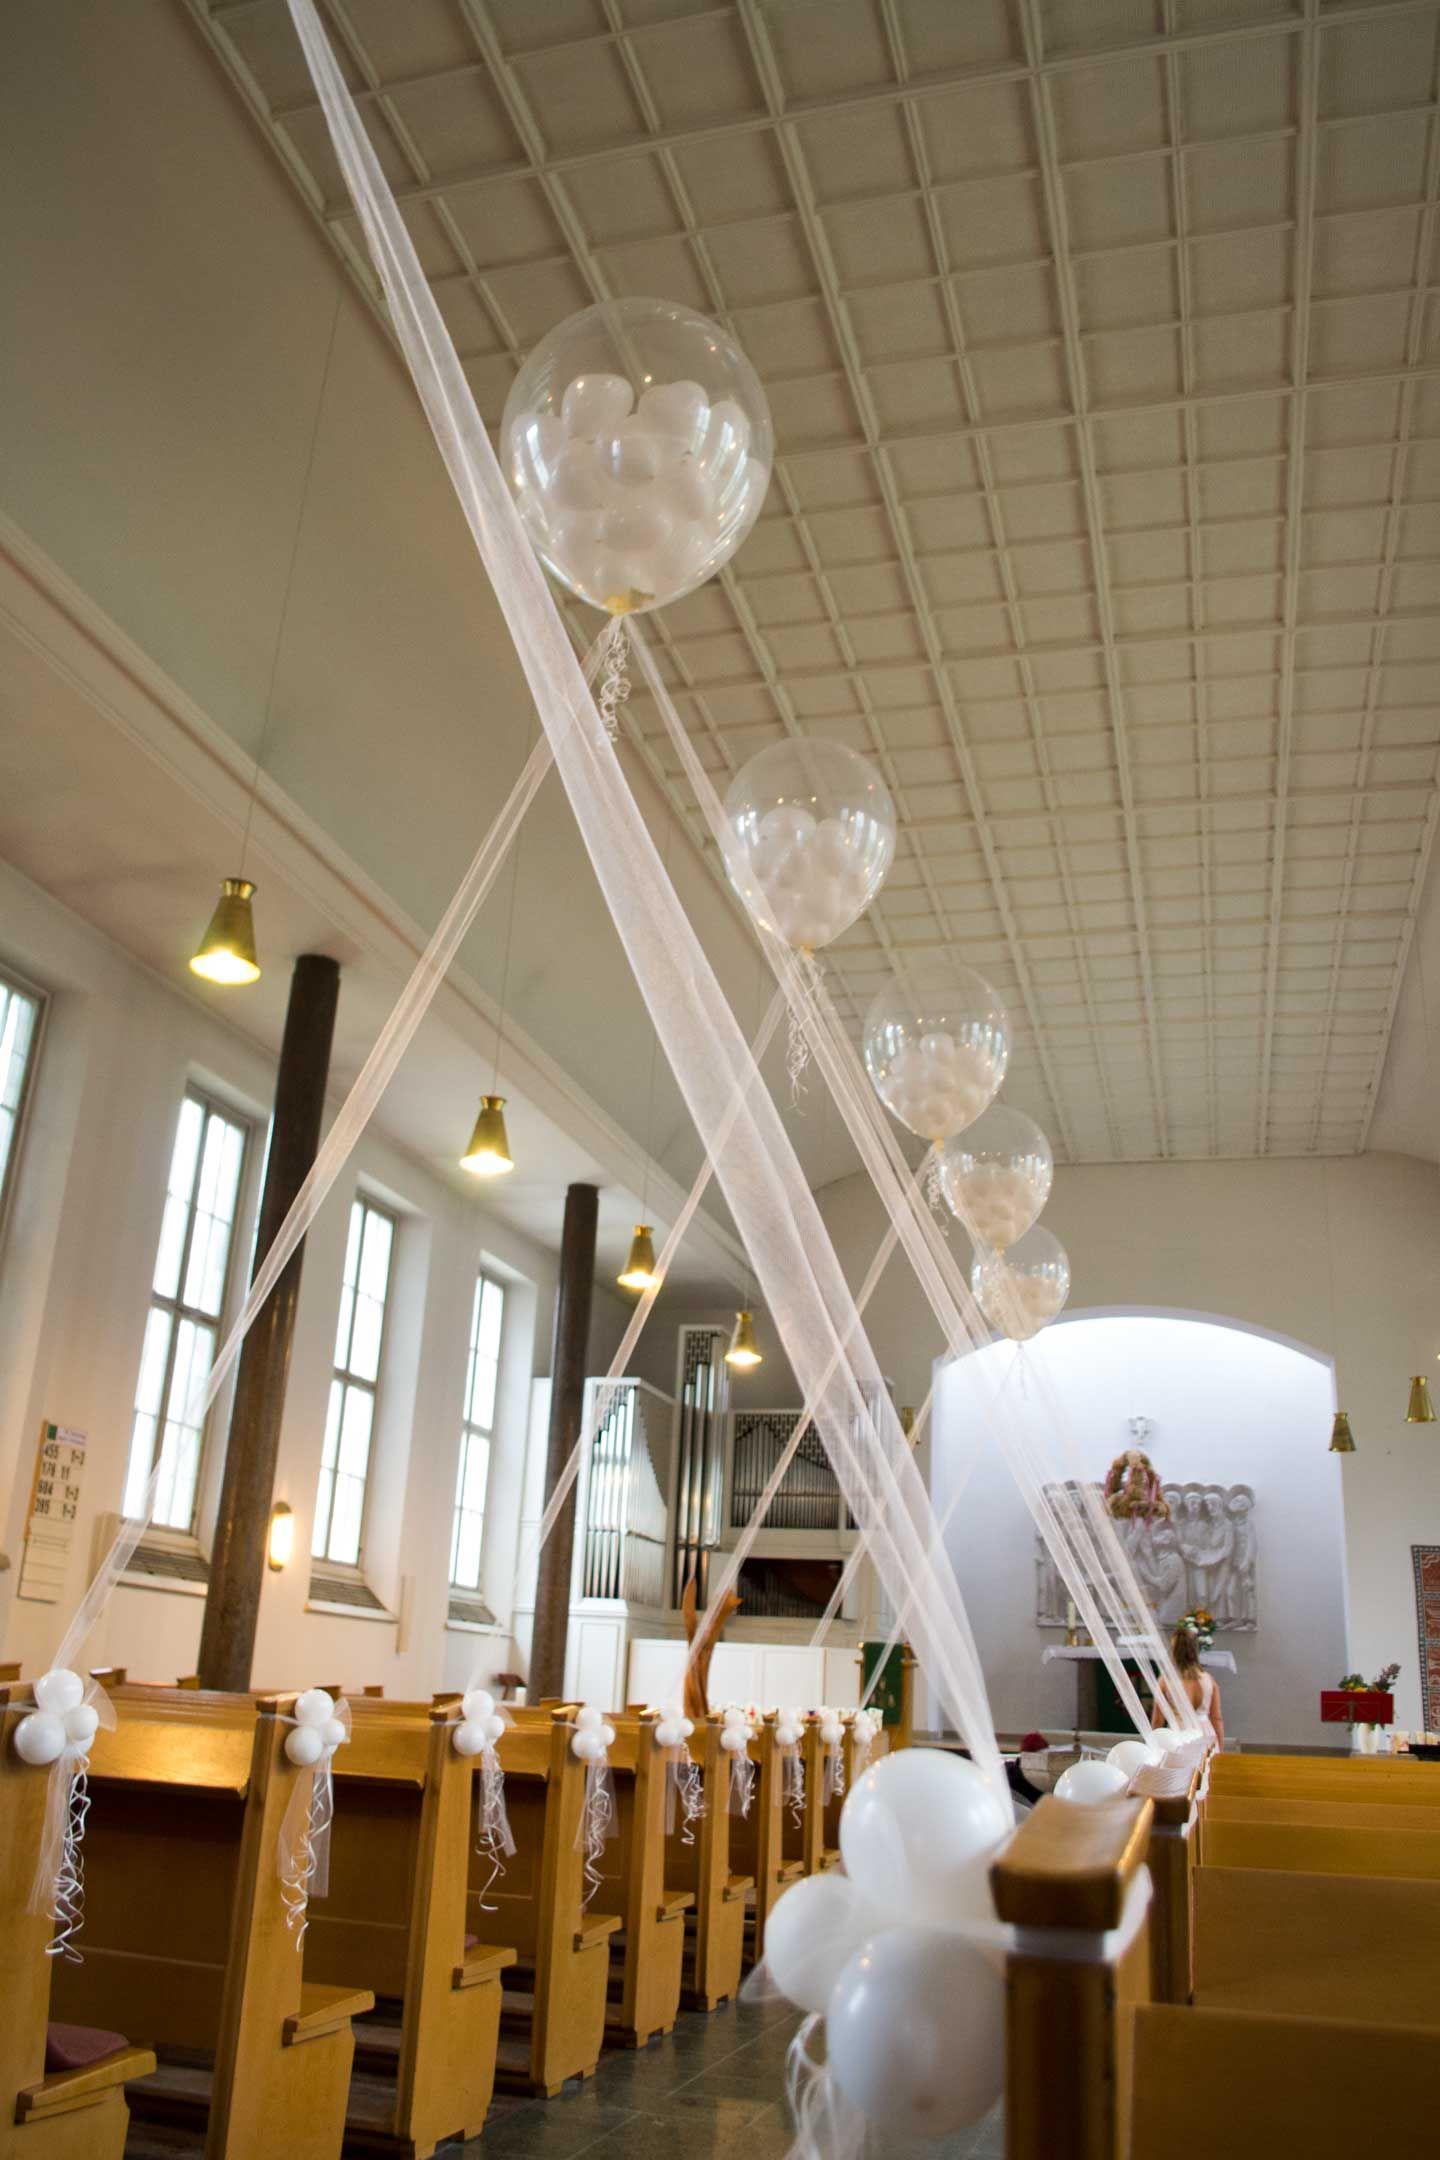 Dekoration Aus Luftballons Lufties Ballons Ballondeko In 2019